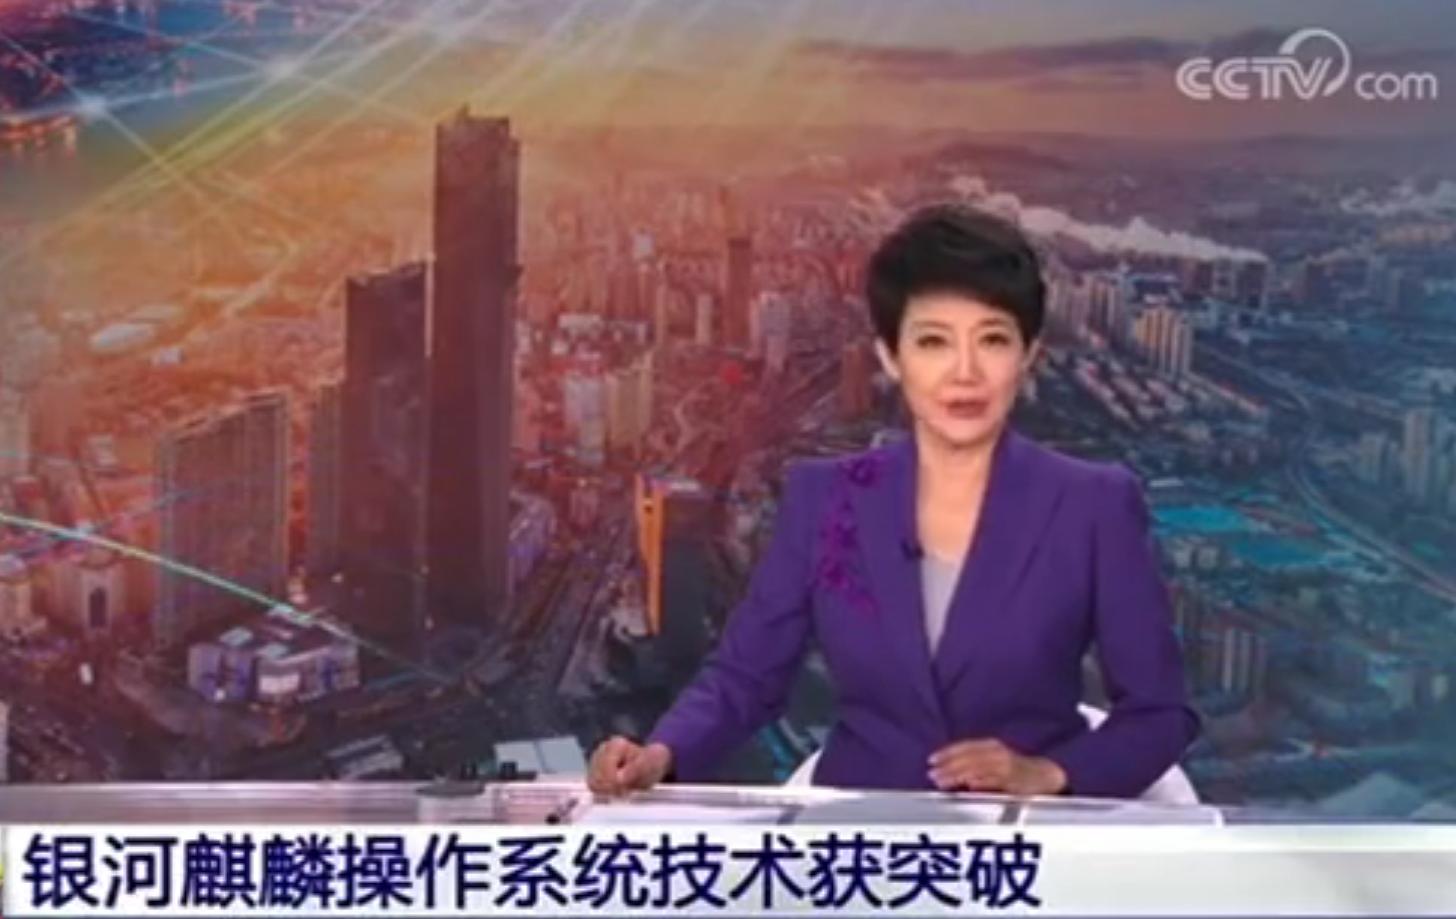 名望不如鸿蒙,但却获央视褒扬,中国人本身的操纵体系有多牛?